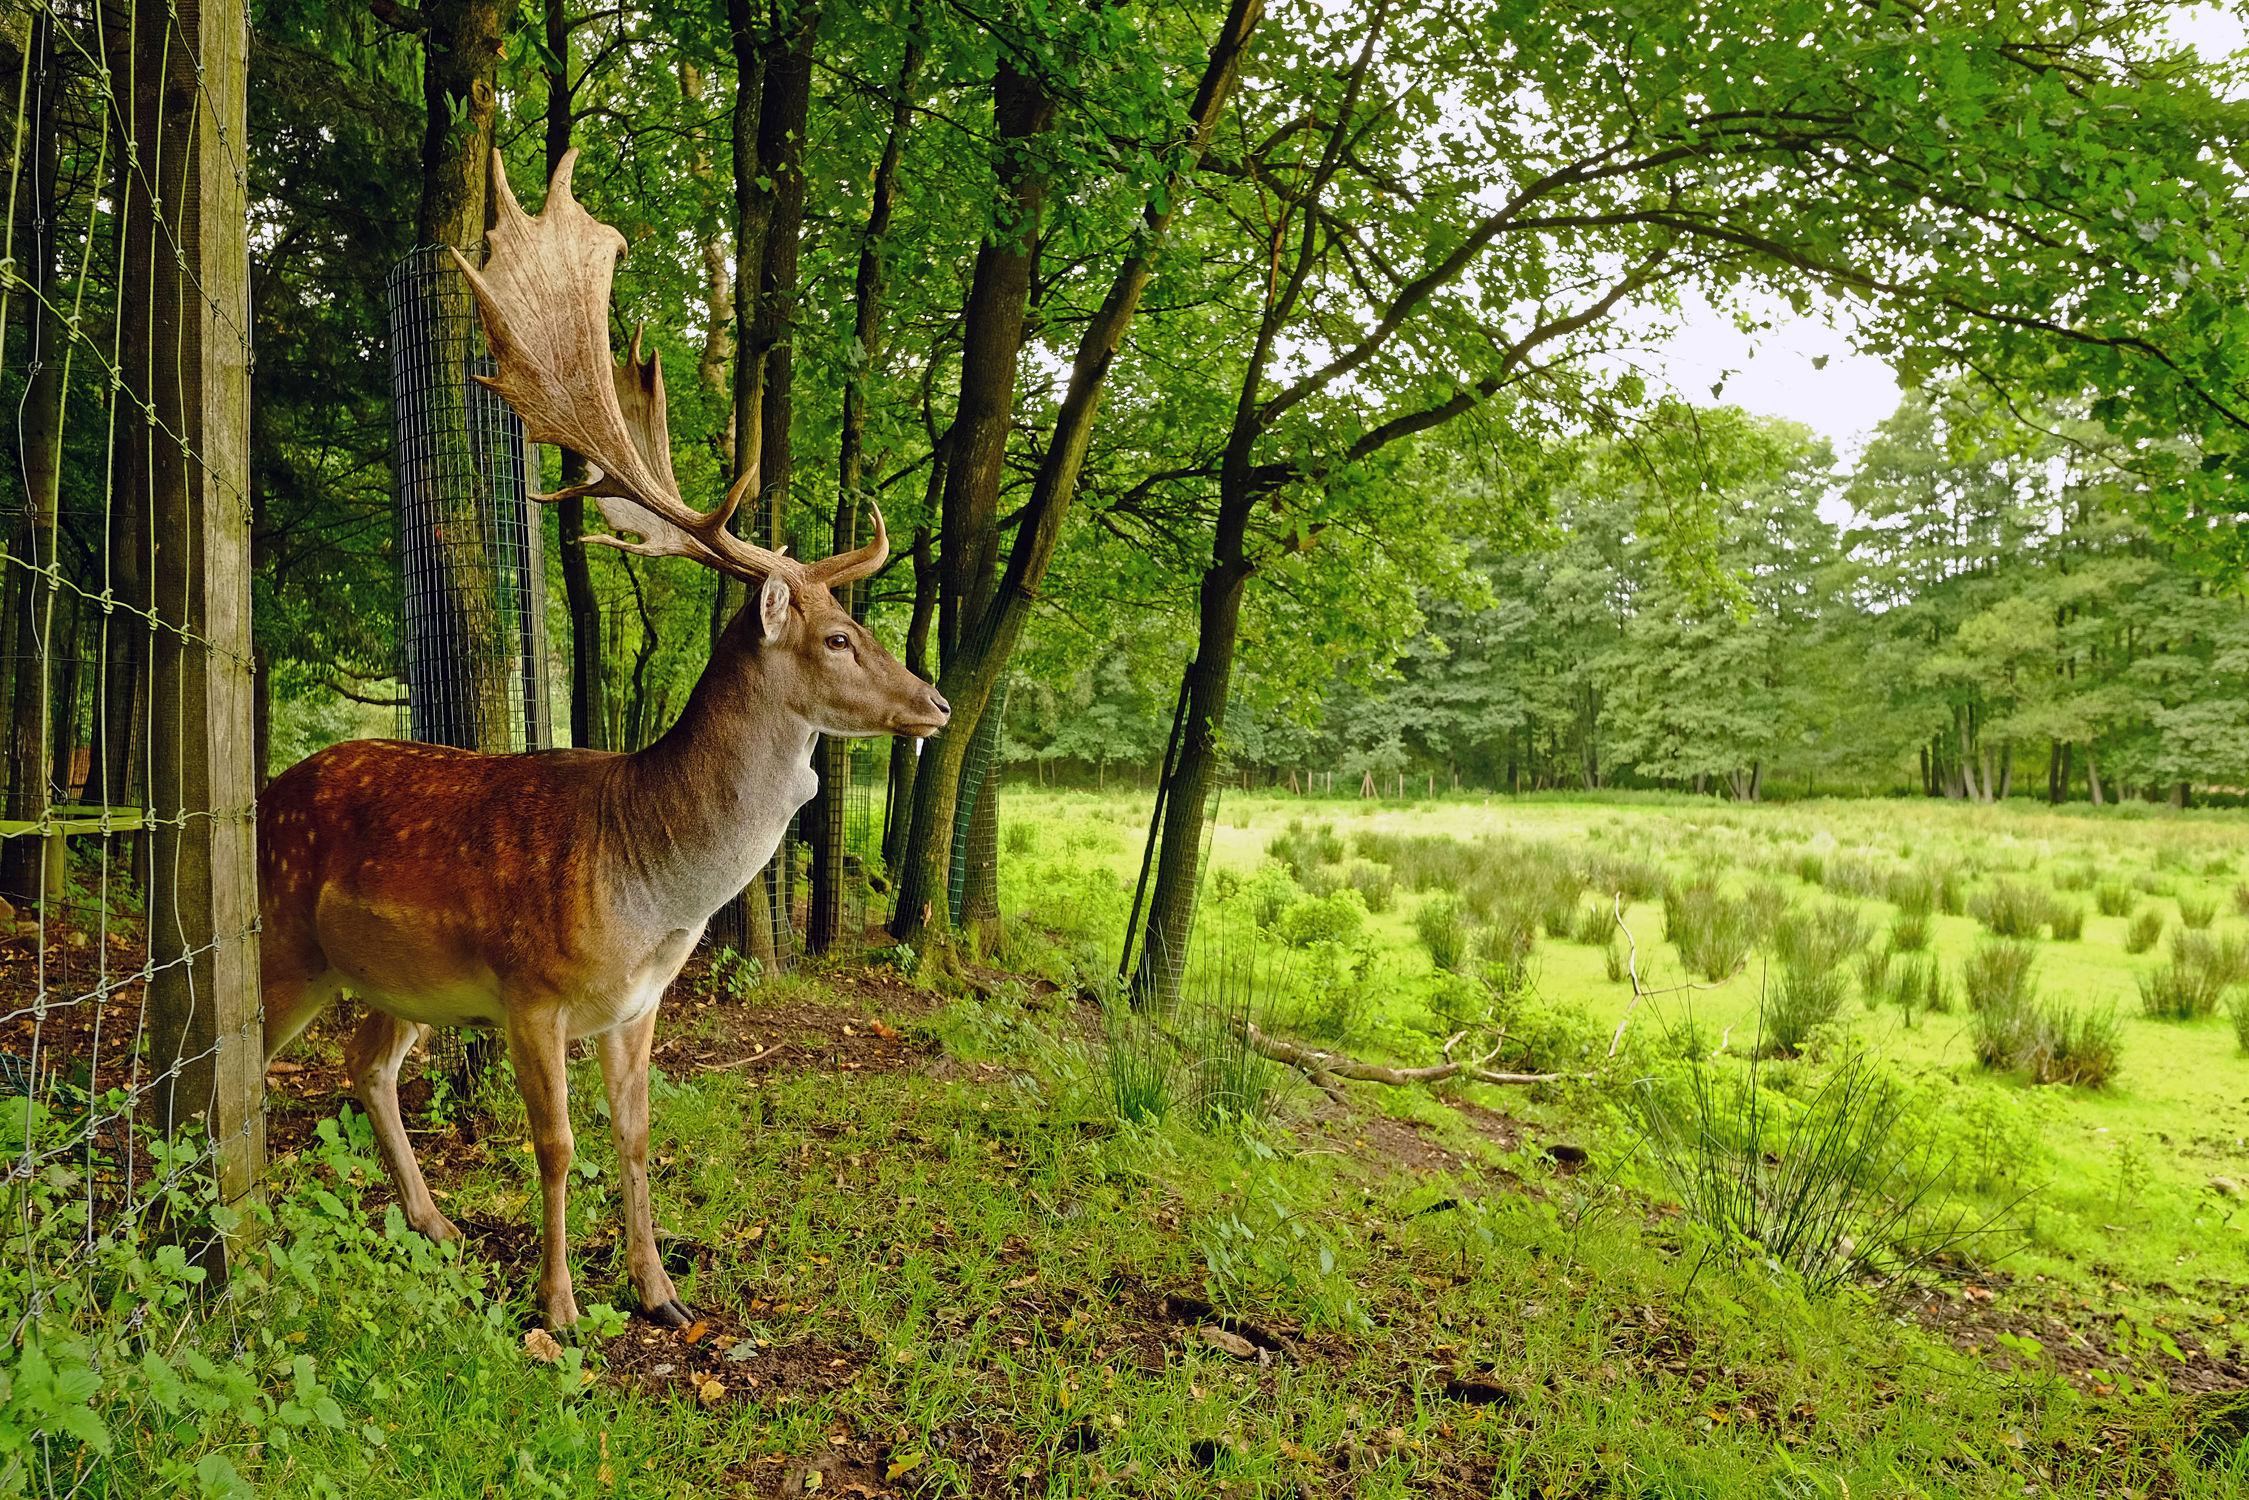 Bild mit Säugetiere, Säugetiere, Säugetiere, Damhirsch, Damhirsch, Gehege, Gehege, Mischwäldern, Mischwäldern